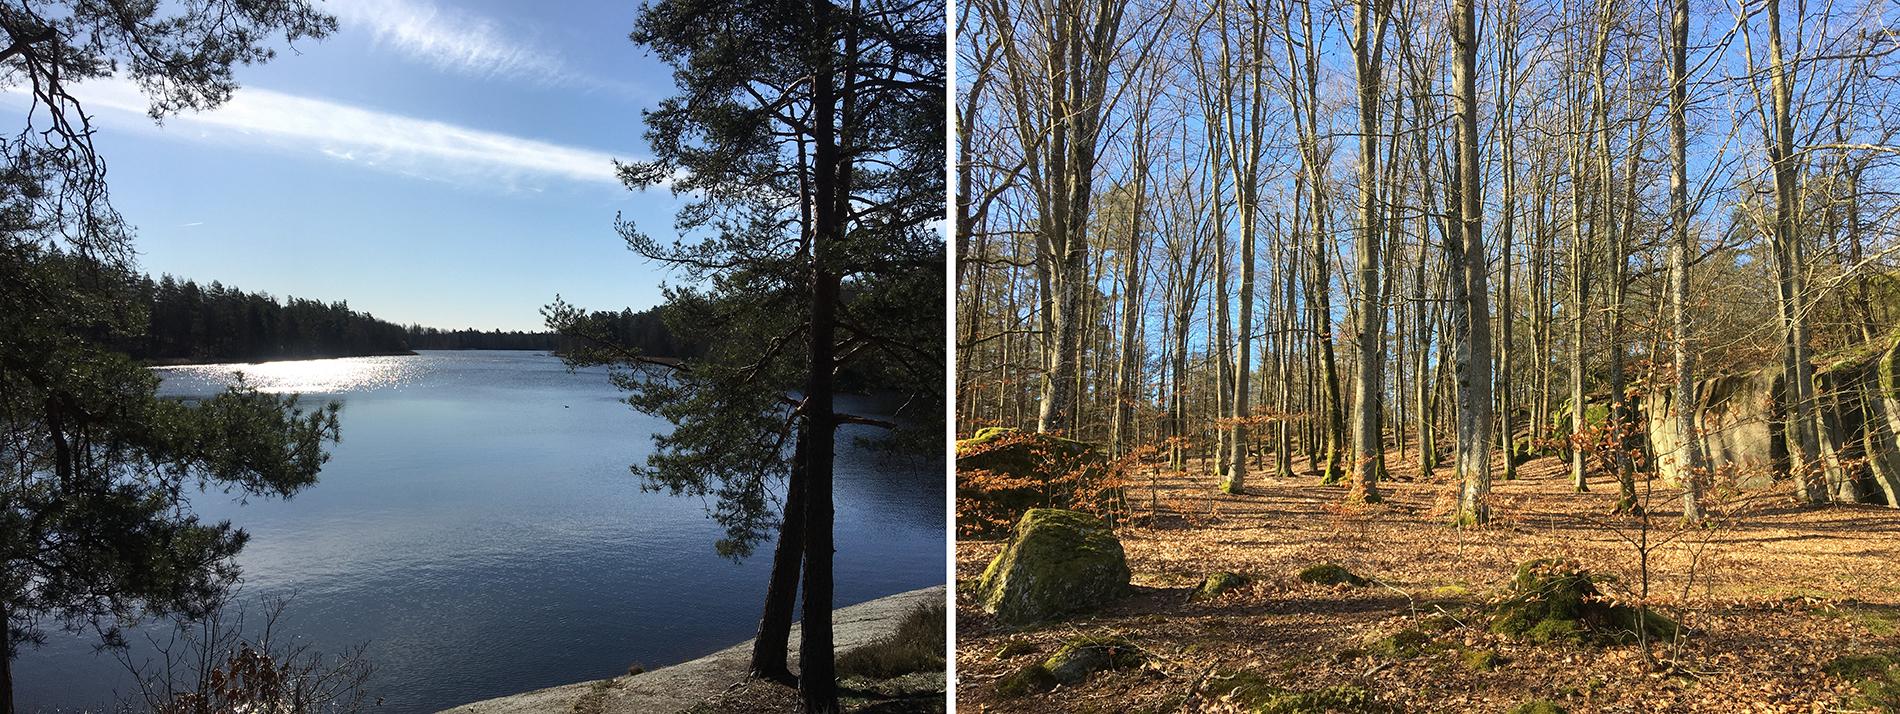 """Skärsjön i Ronneby, Blekinge län med omkringliggande skog, grillplatser, bryggor och naturstigar är ett populärt och lättillgängligt tätortsnära strövområde för promenader, korta utflykter, bad, fiske och cyklande """"off road"""". Foto: Emina Kovacic"""